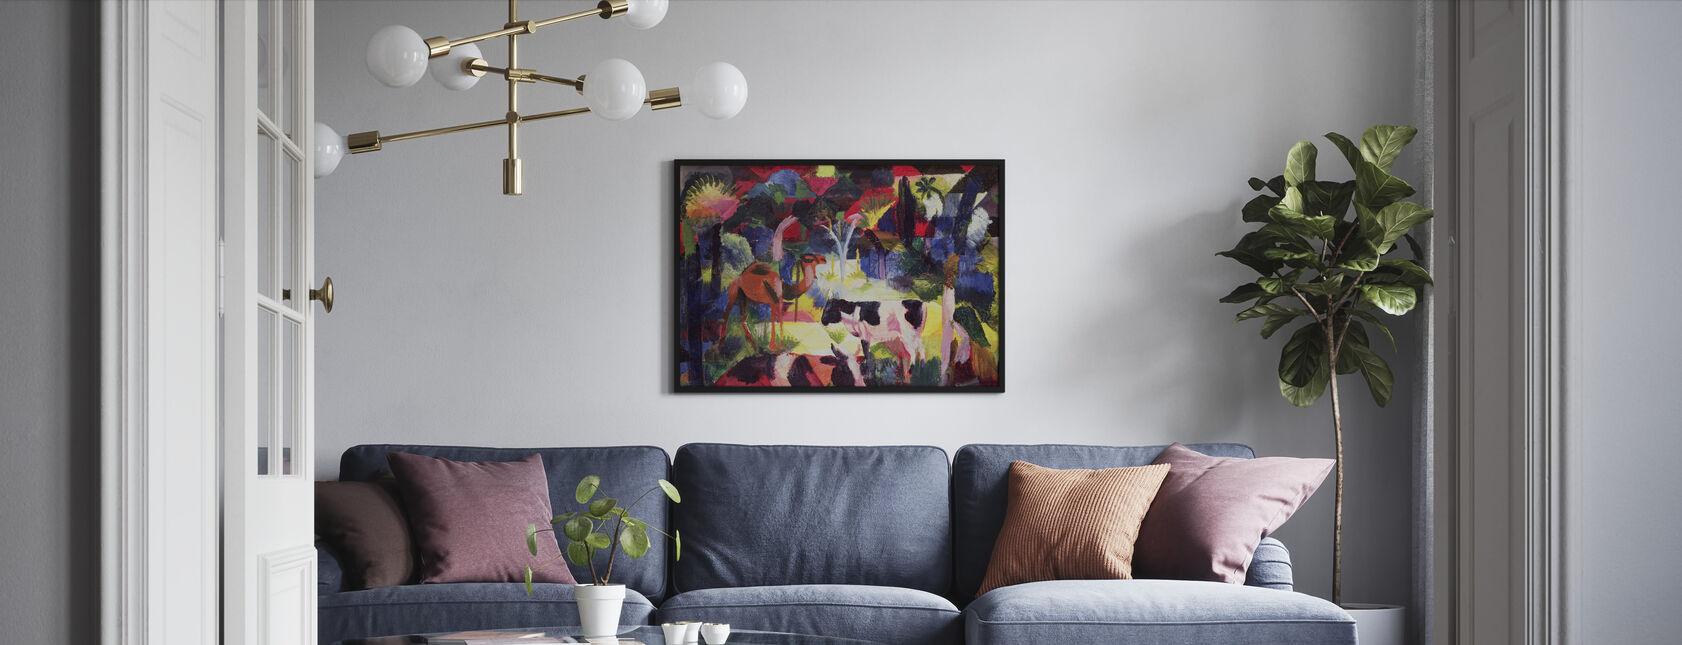 Lehmät ja kameli, August Macke - Kehystetty kuva - Olohuone